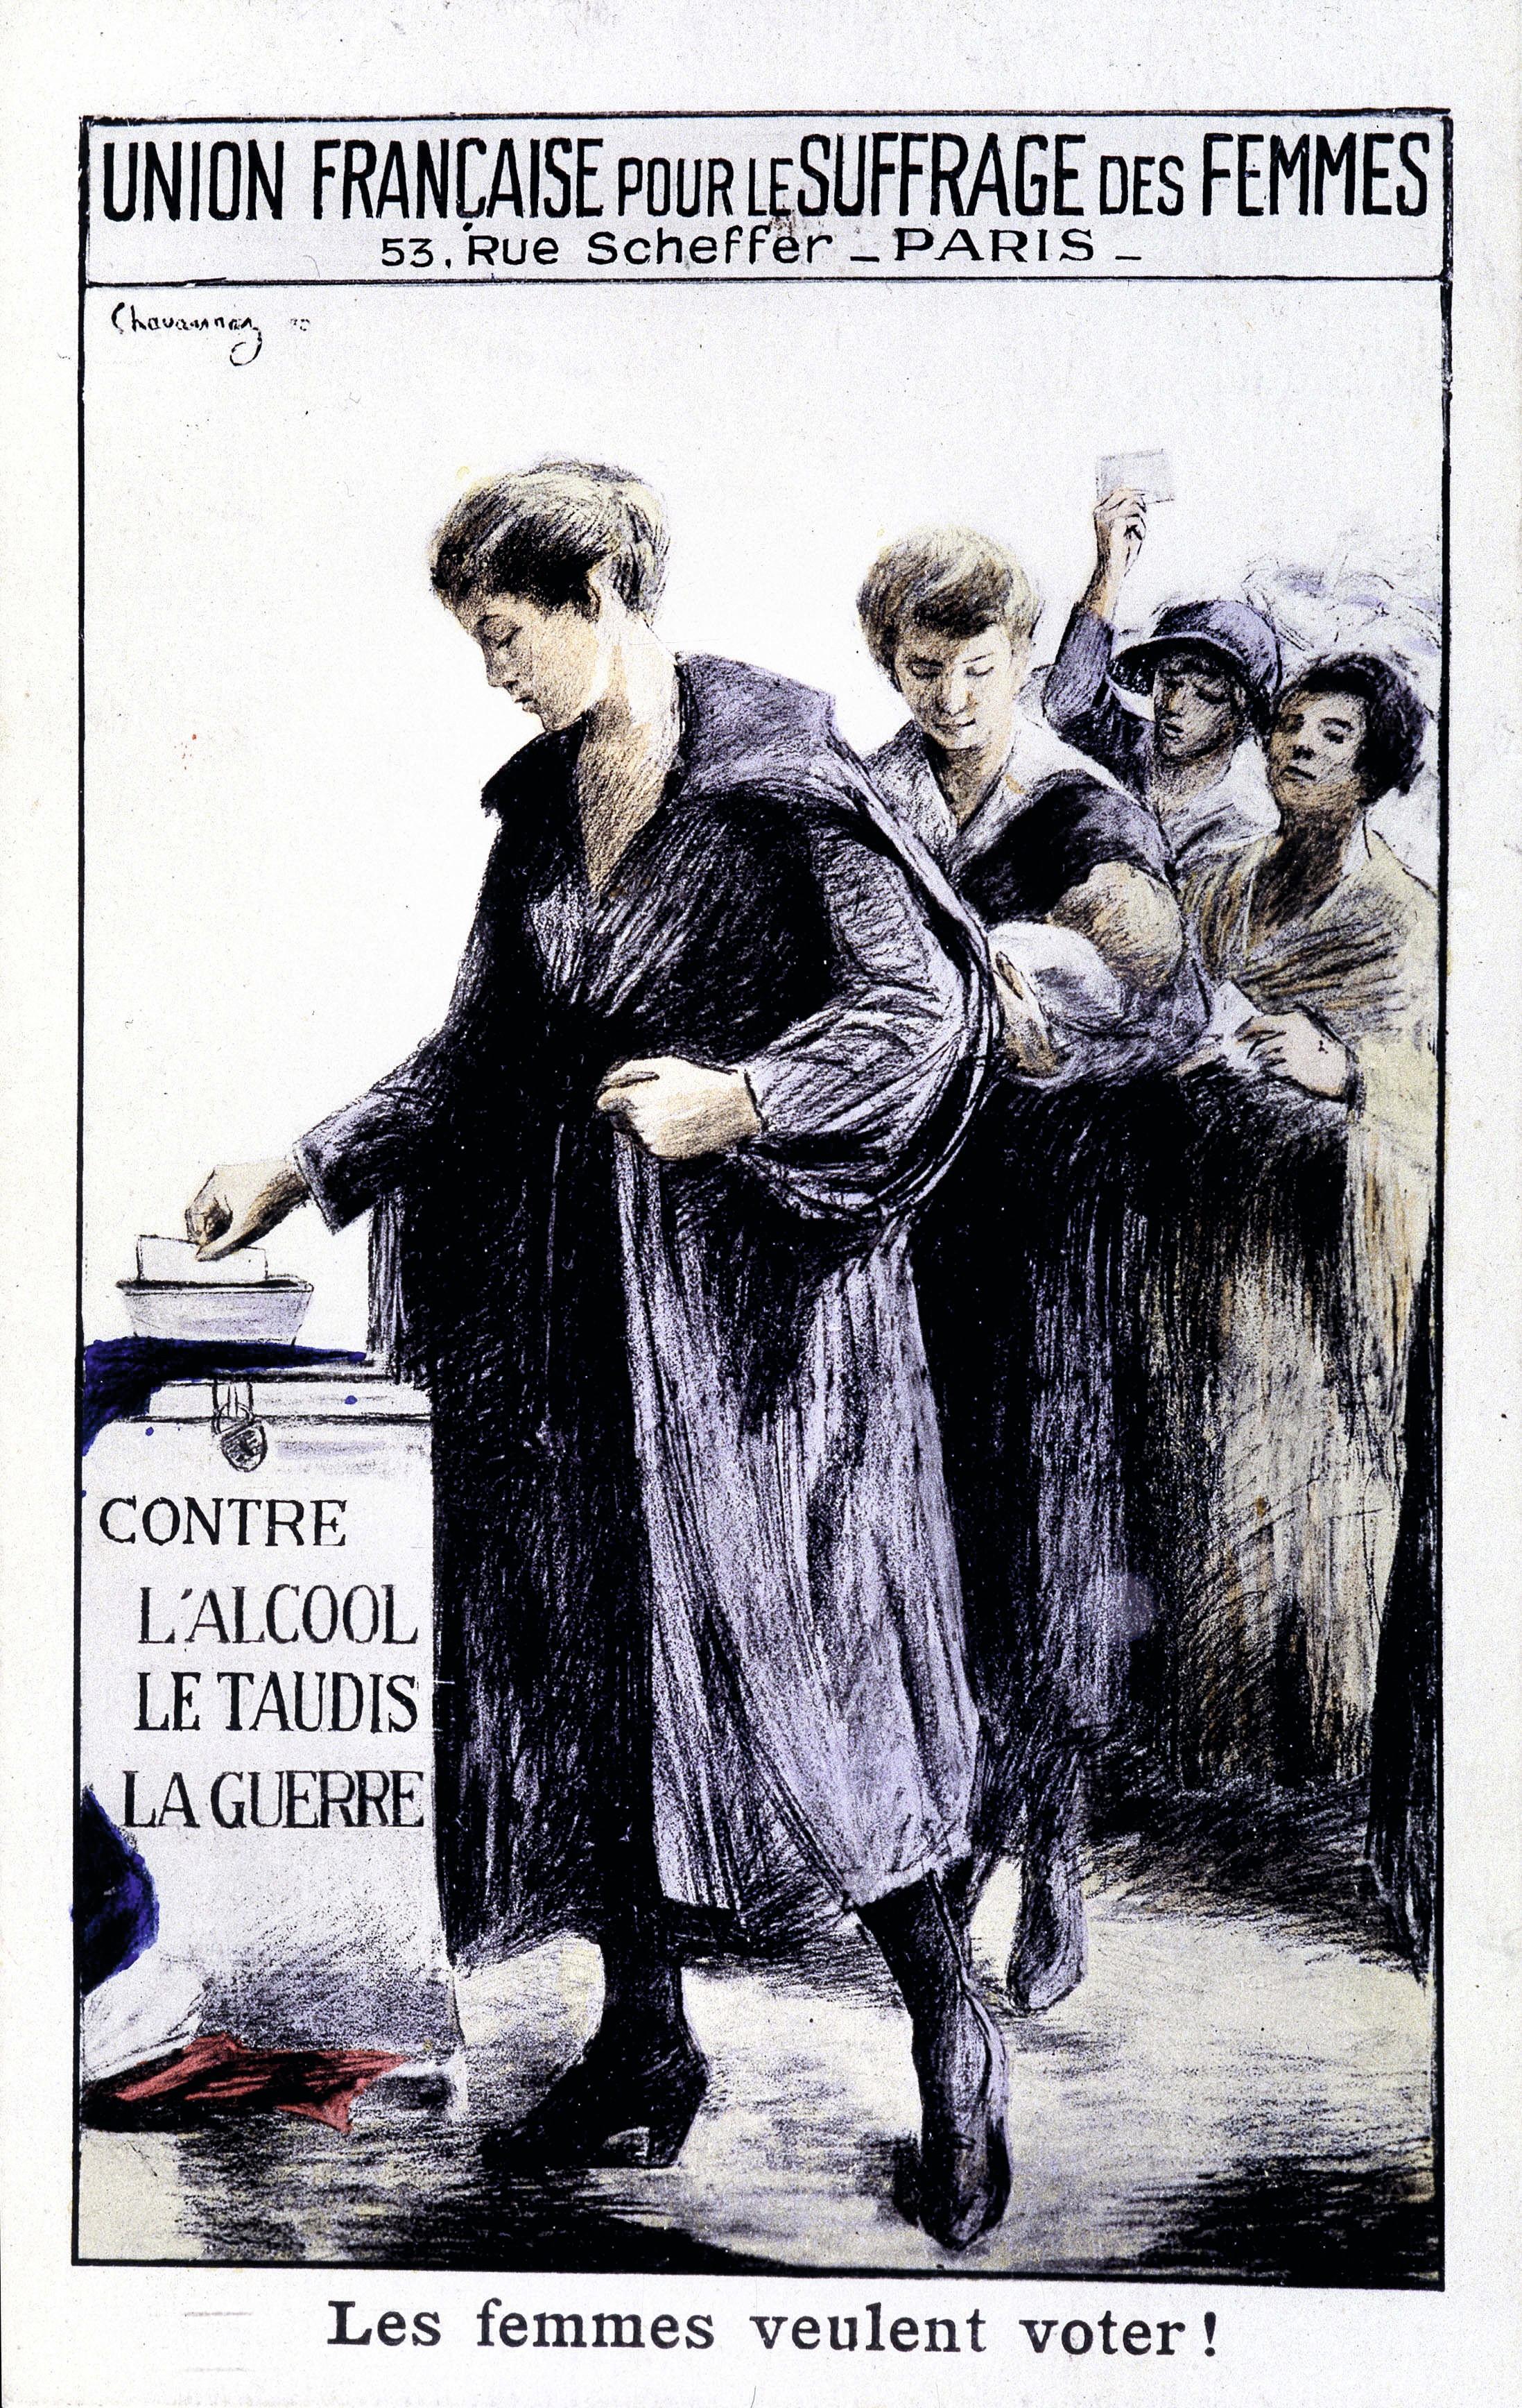 L'Union française pour le suffrage des femmes